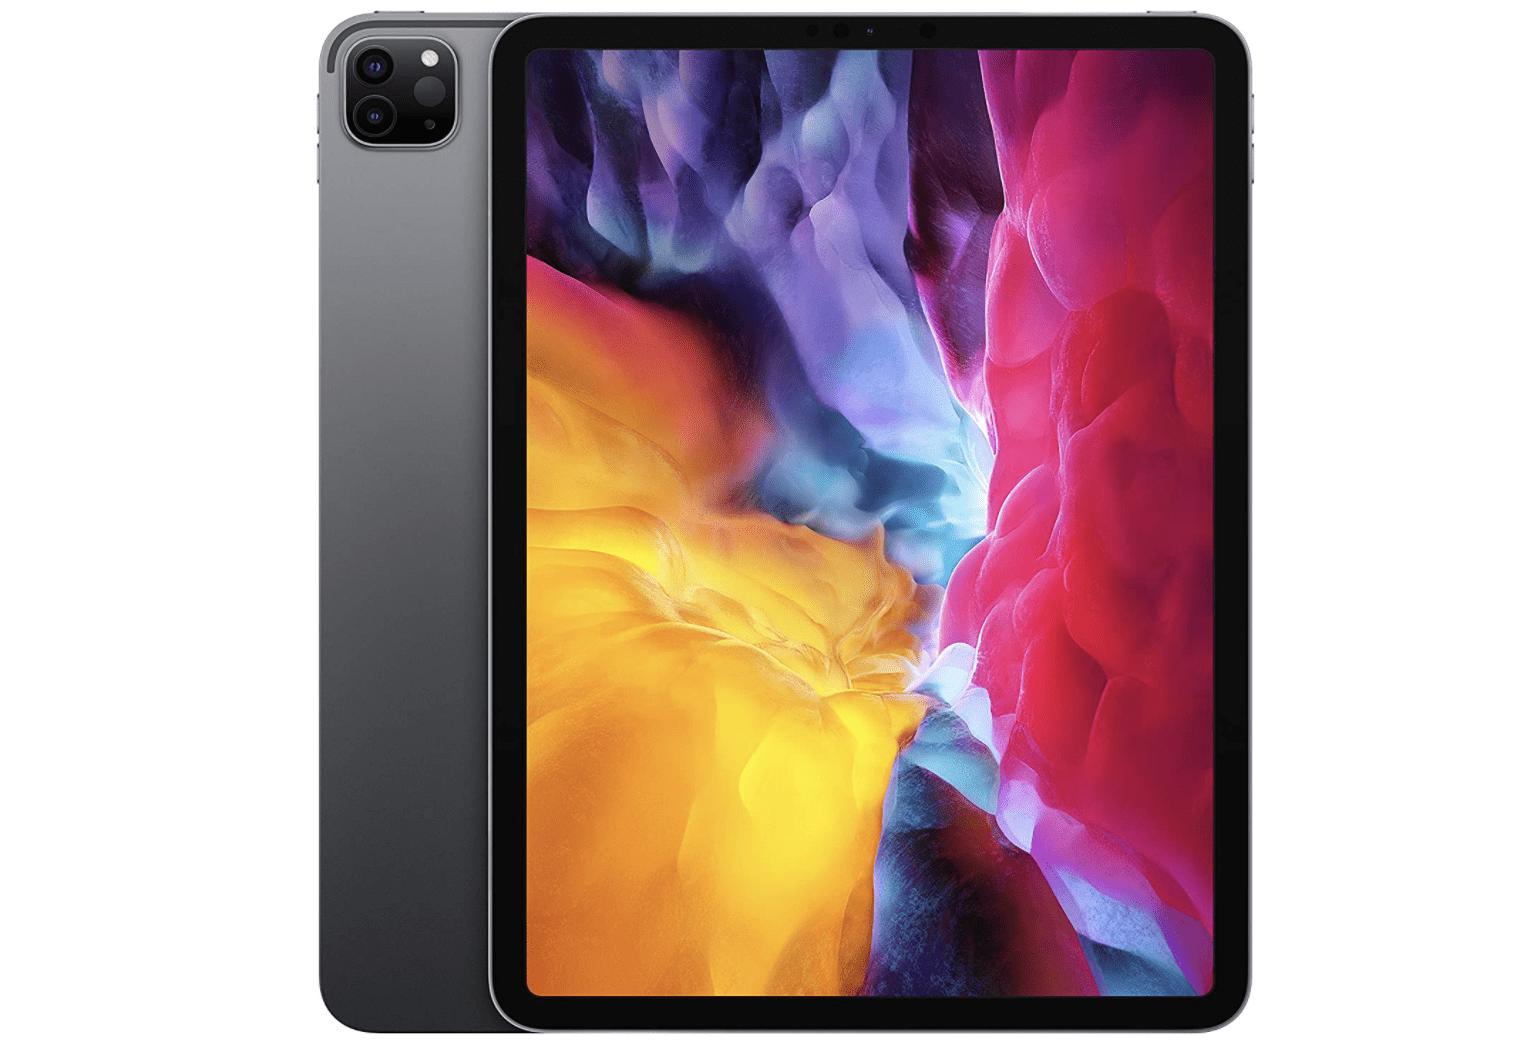 Apple iPad Pro 2021 to feature Mini-Led display instead of ...